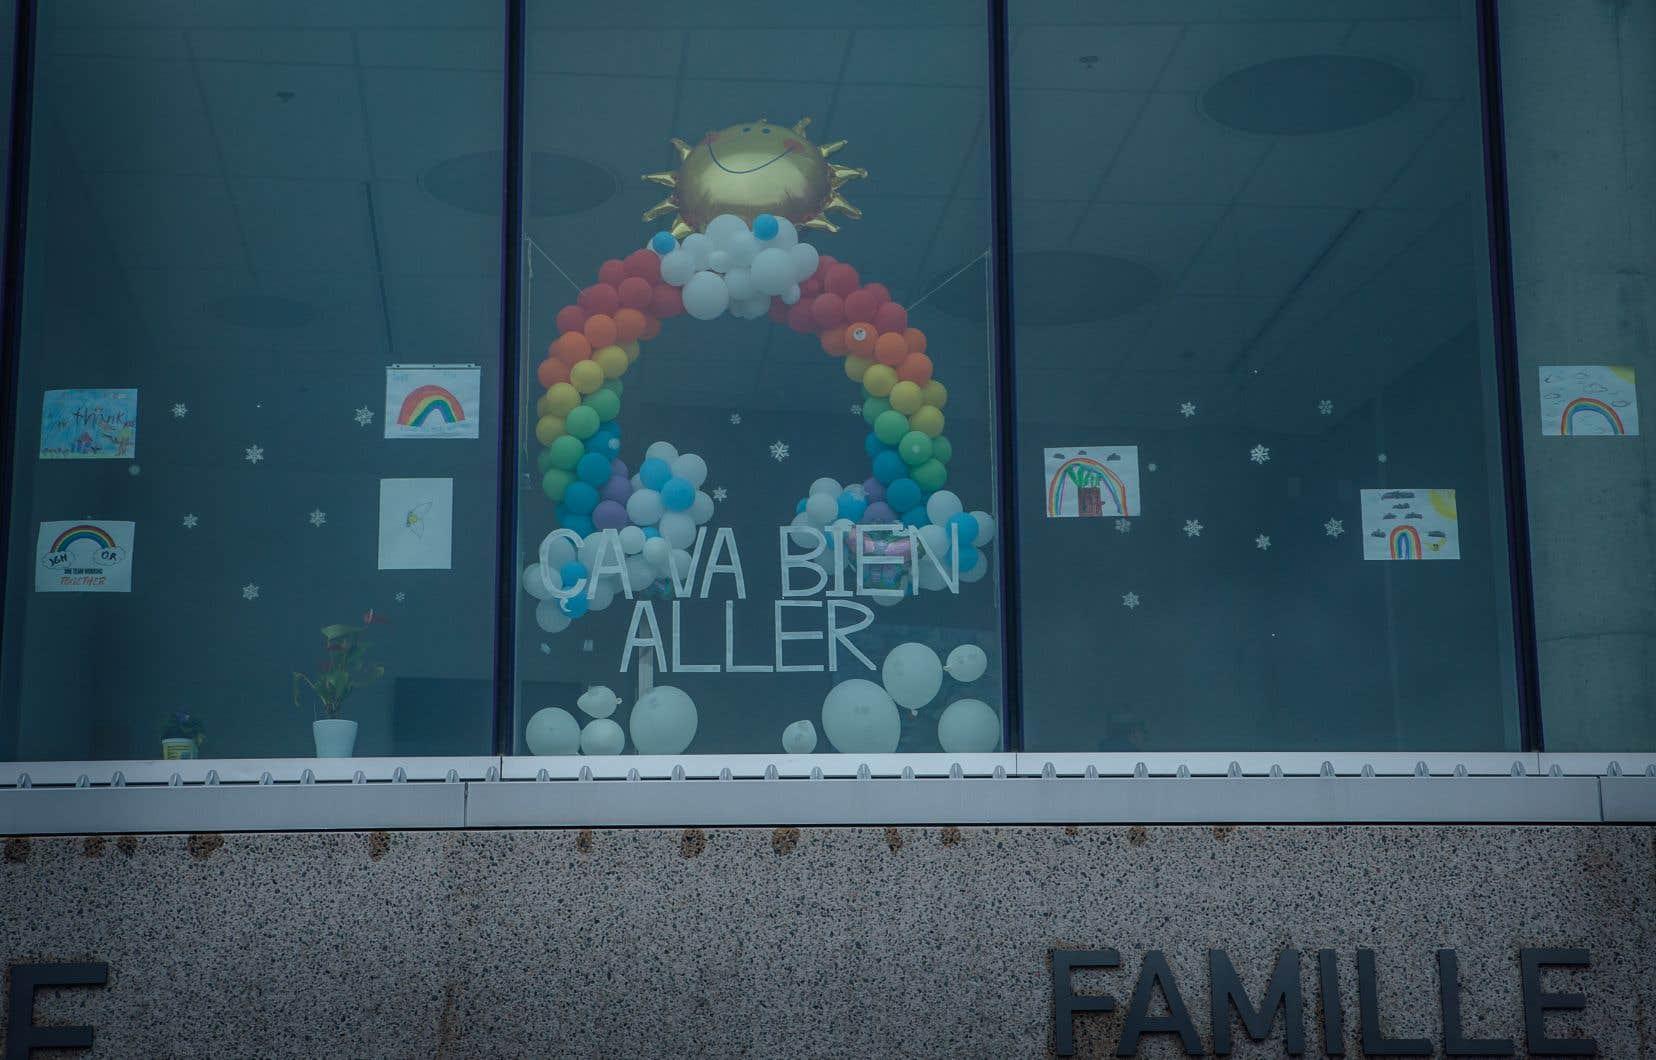 L'Hôpital général juif de Montréal avait décidé d'interdire l'accompagnement à l'accouchement le 3 avril dernier en raison de la pandémie de coronavirus.